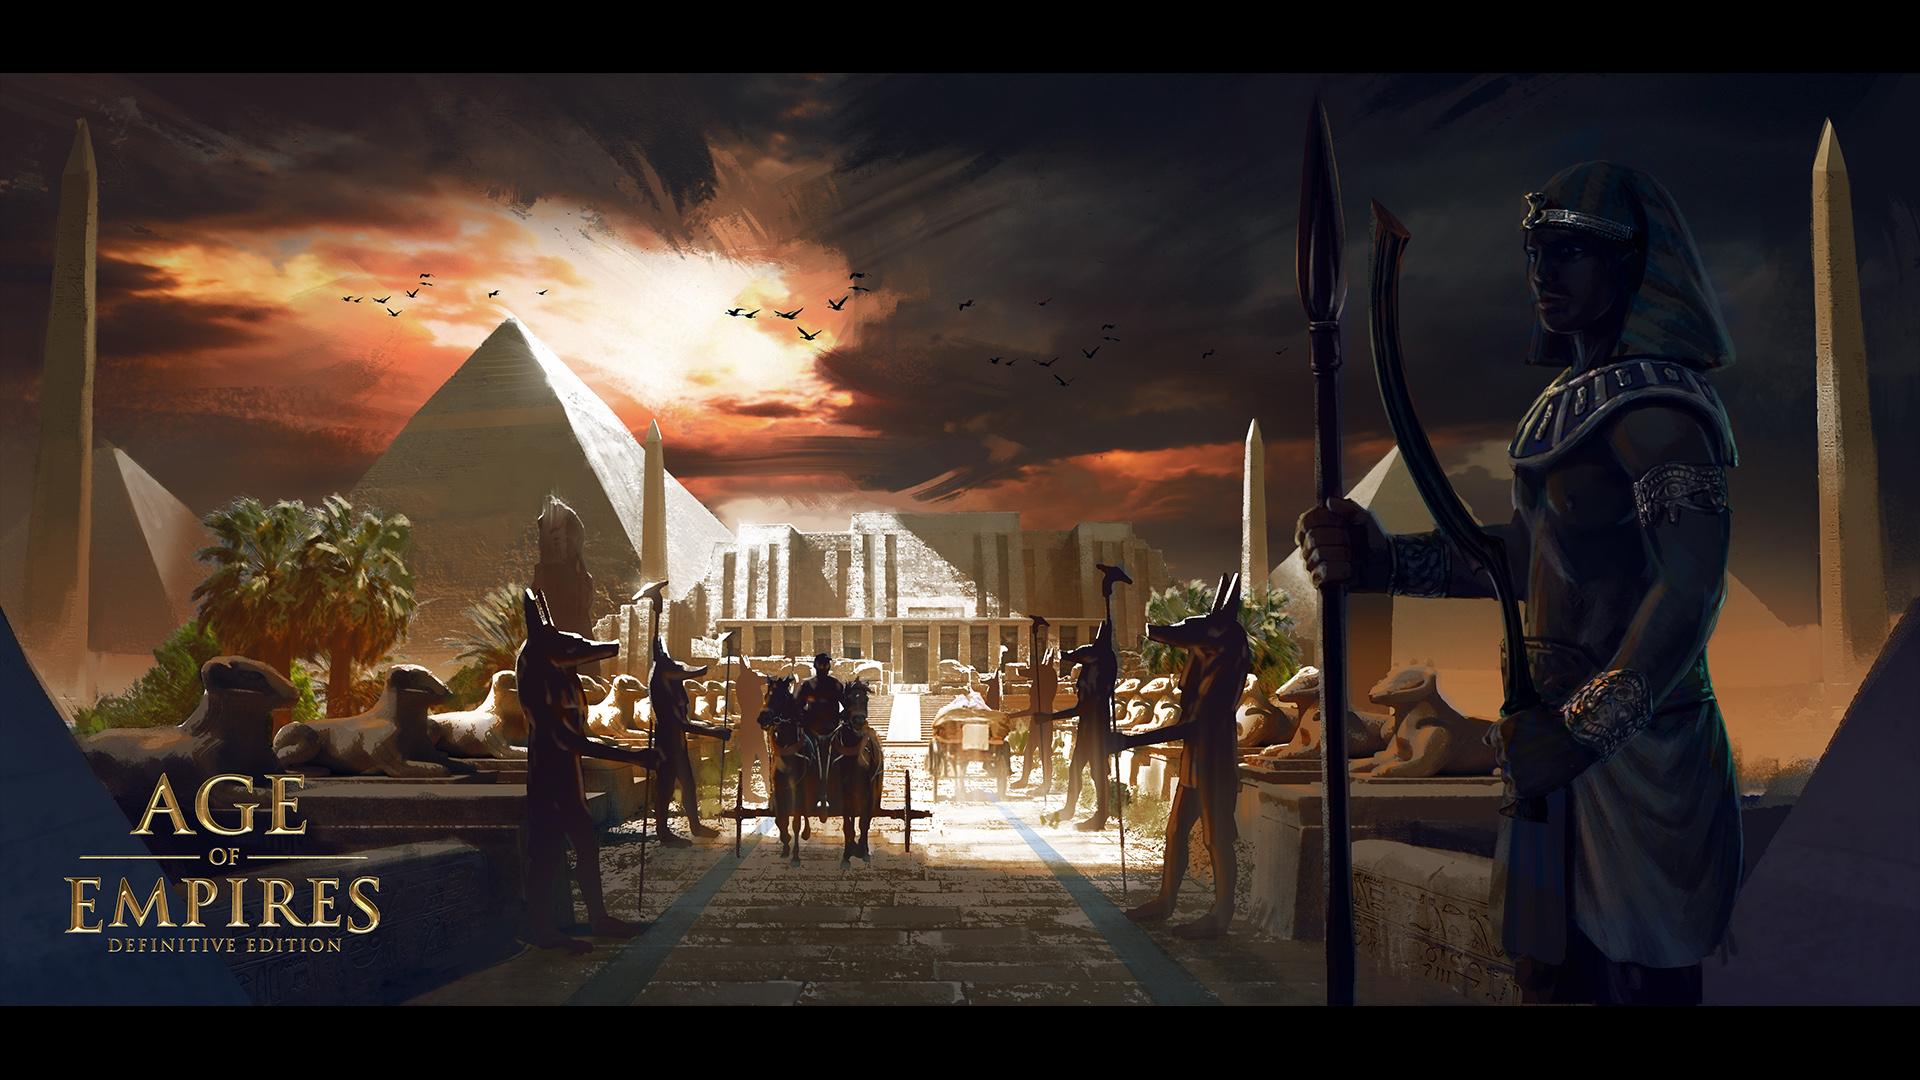 microsoft_aoe_egypt_final_v01_1920x1080.jpg